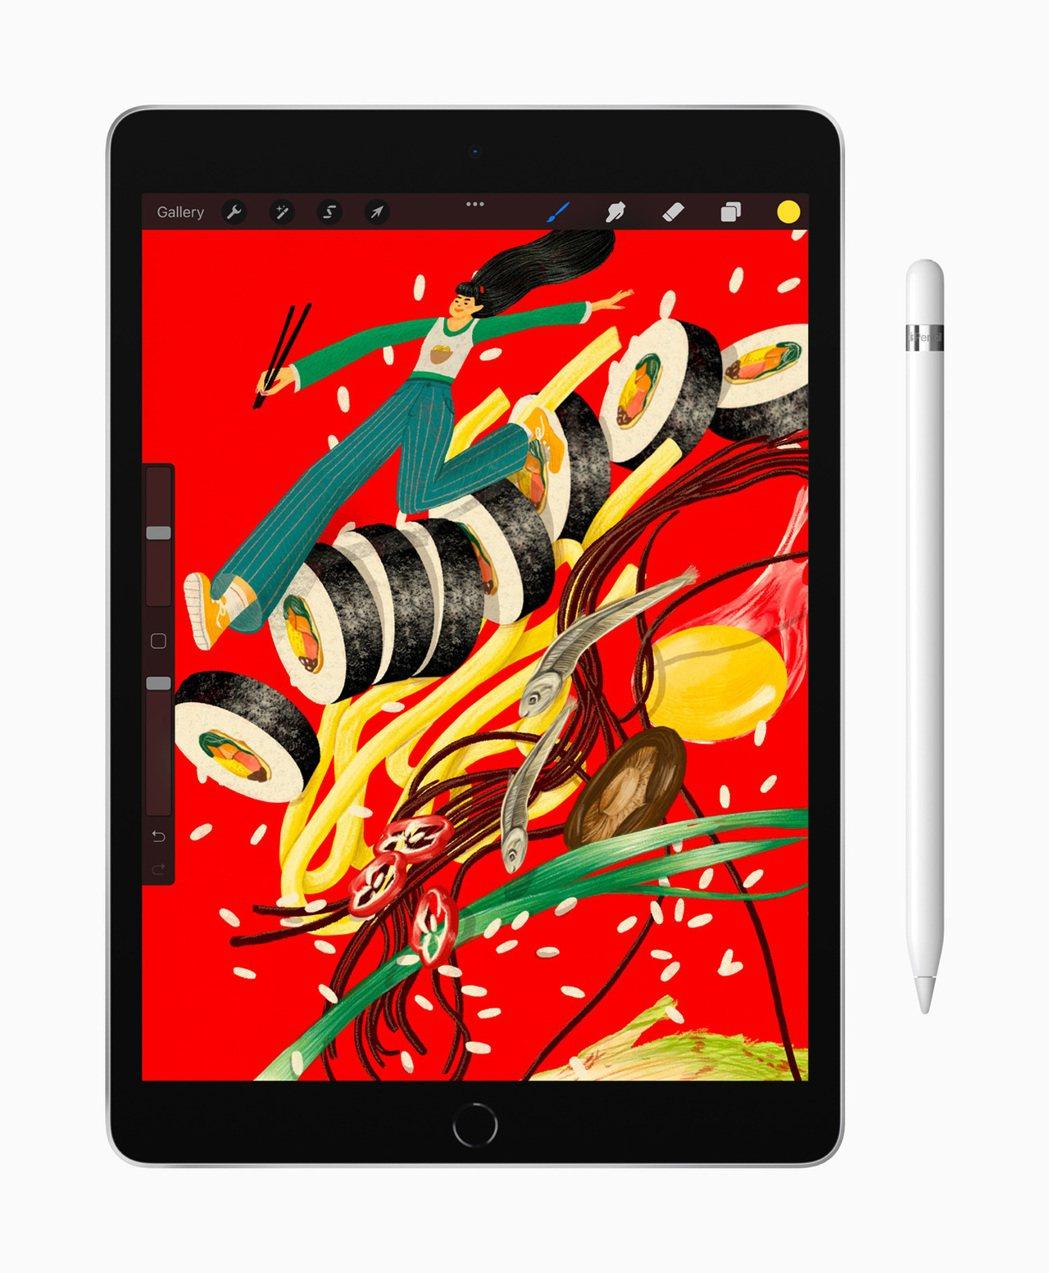 全新的平價版10.2吋iPad使用更快的A13仿生晶片。 取自蘋果公司官網